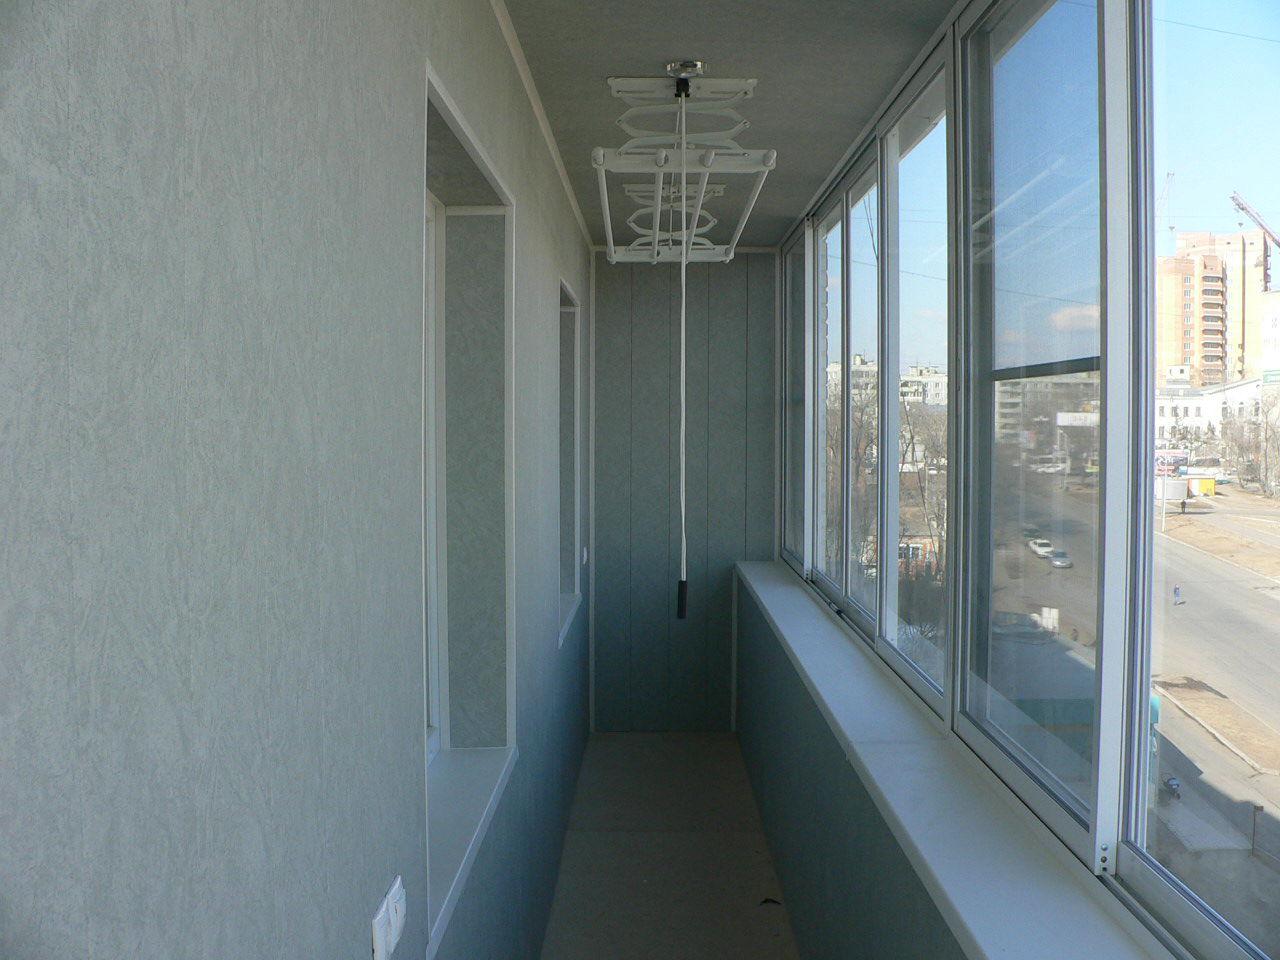 Сушилка для белья потолочная на балкон.